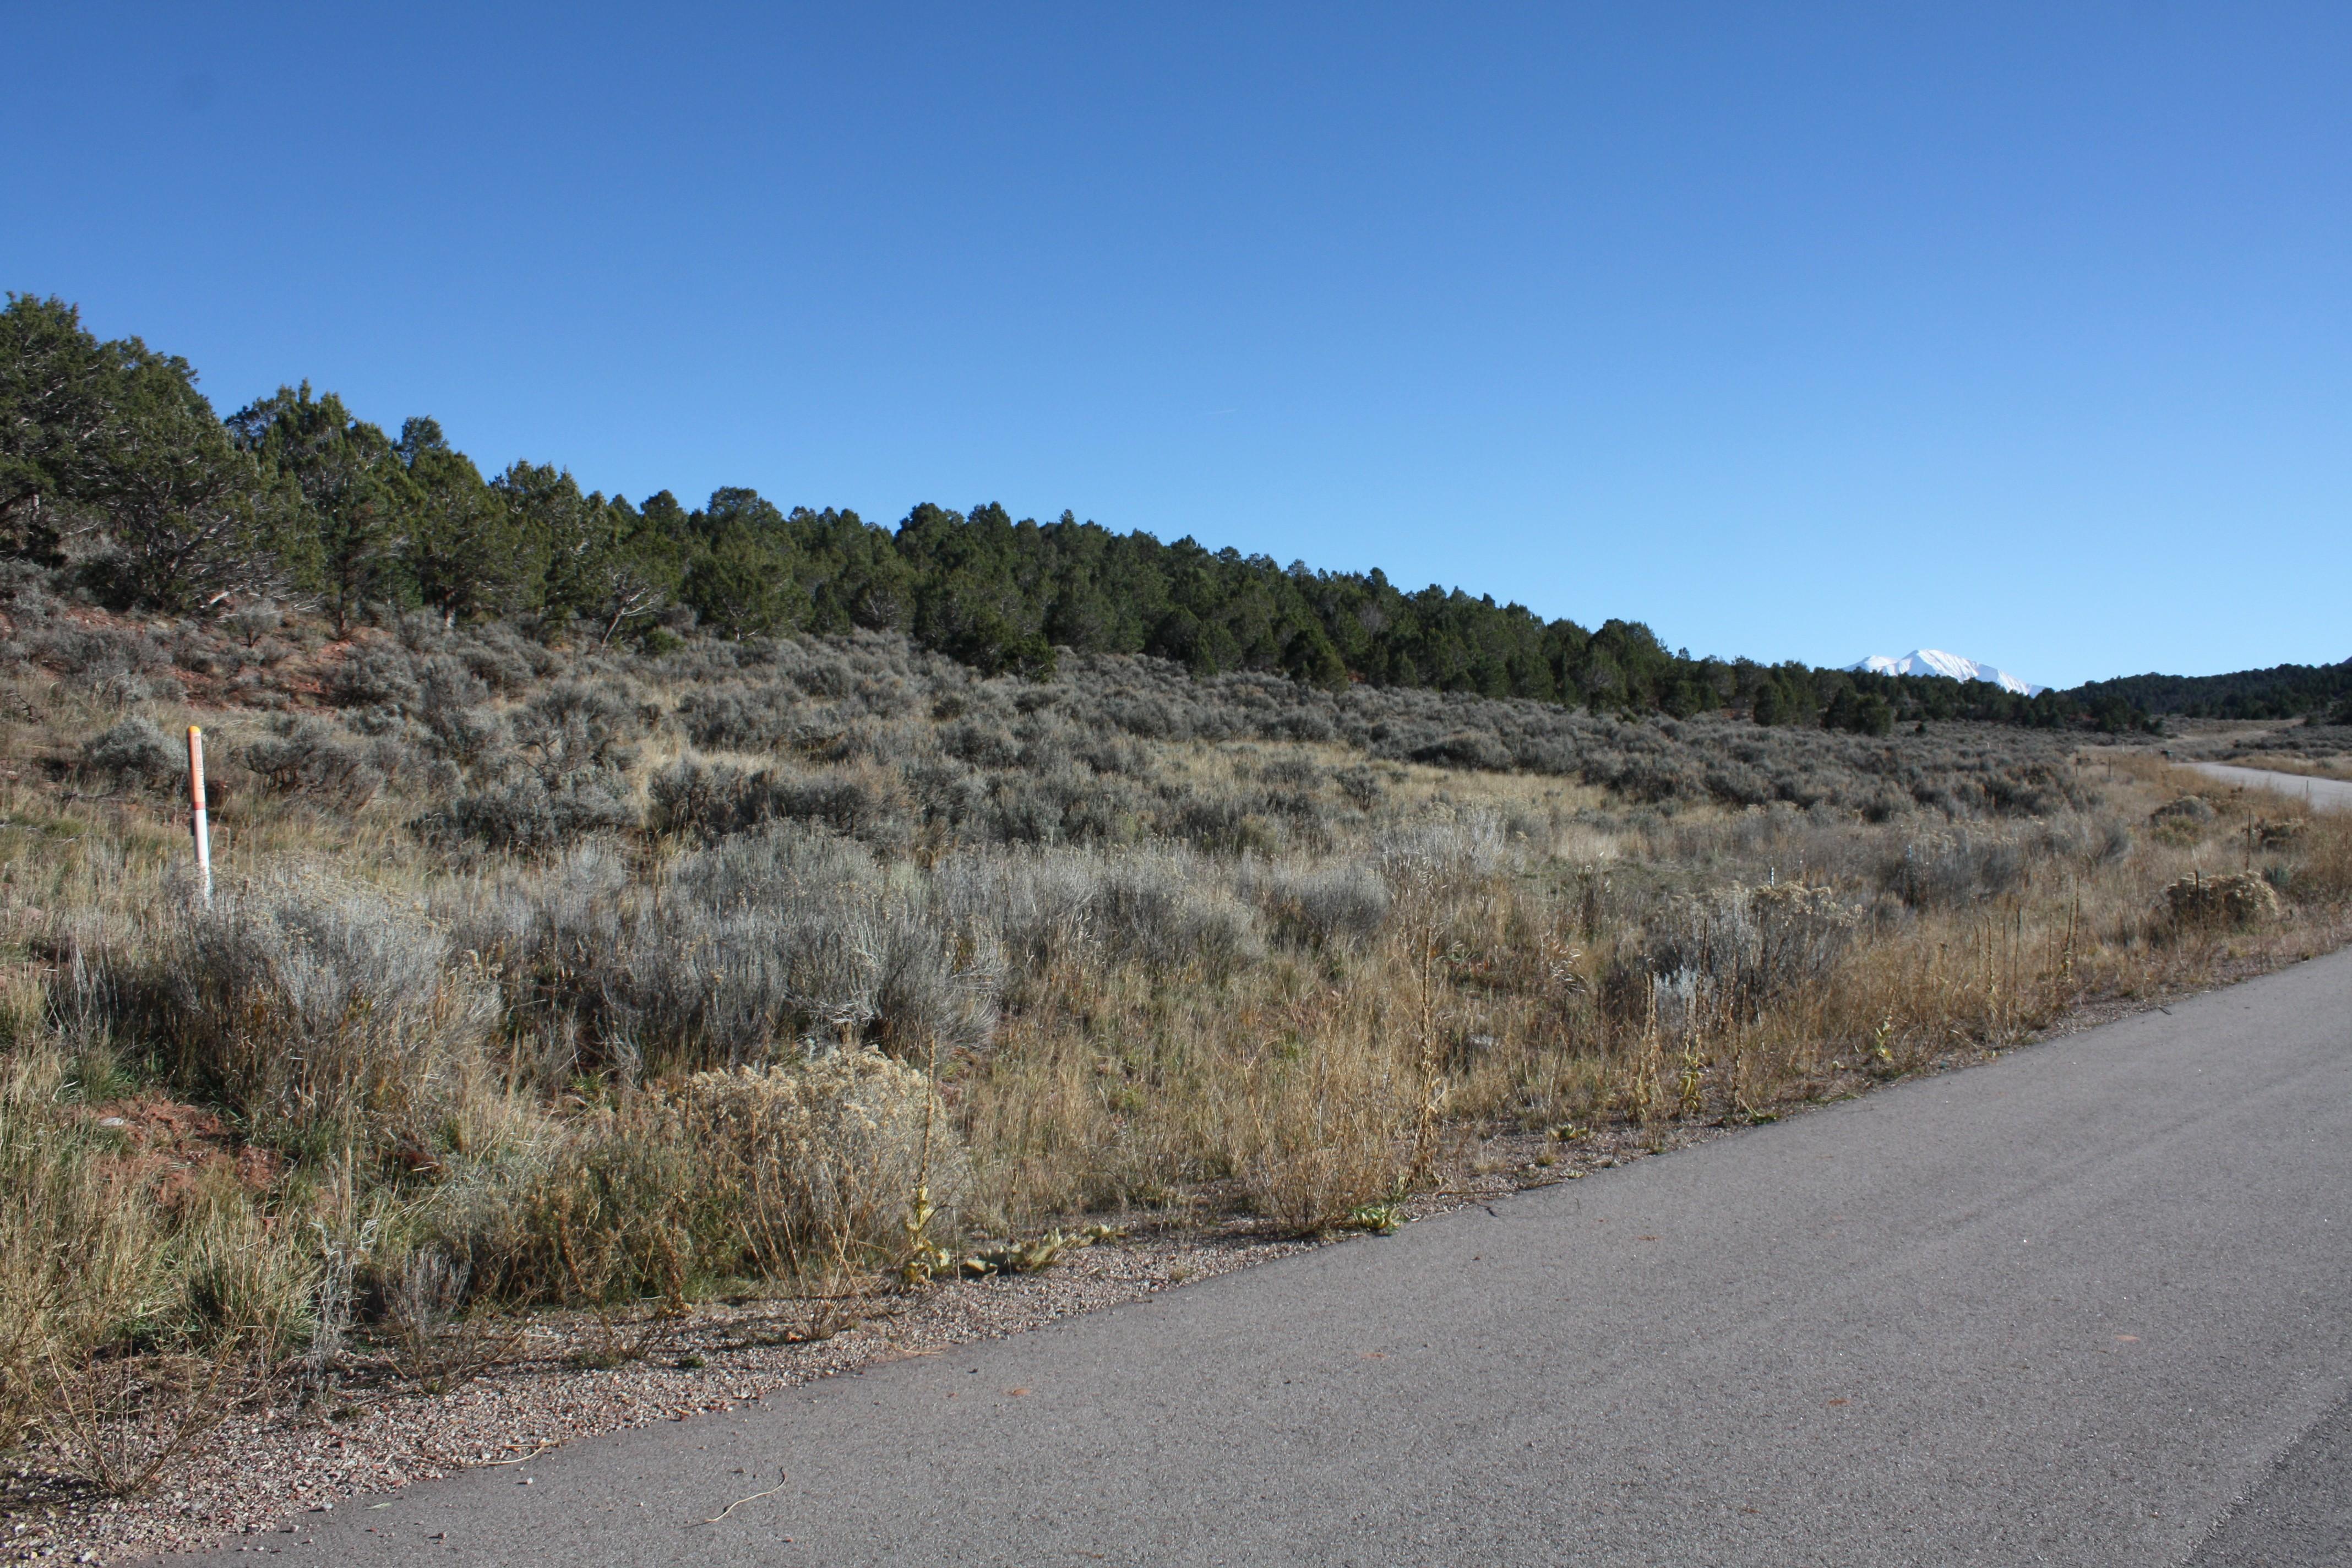 Land for Sale at Lot 59 Springridge Reserve Lot 59 Hidden Valley Glenwood Springs, Colorado, 81601 United States